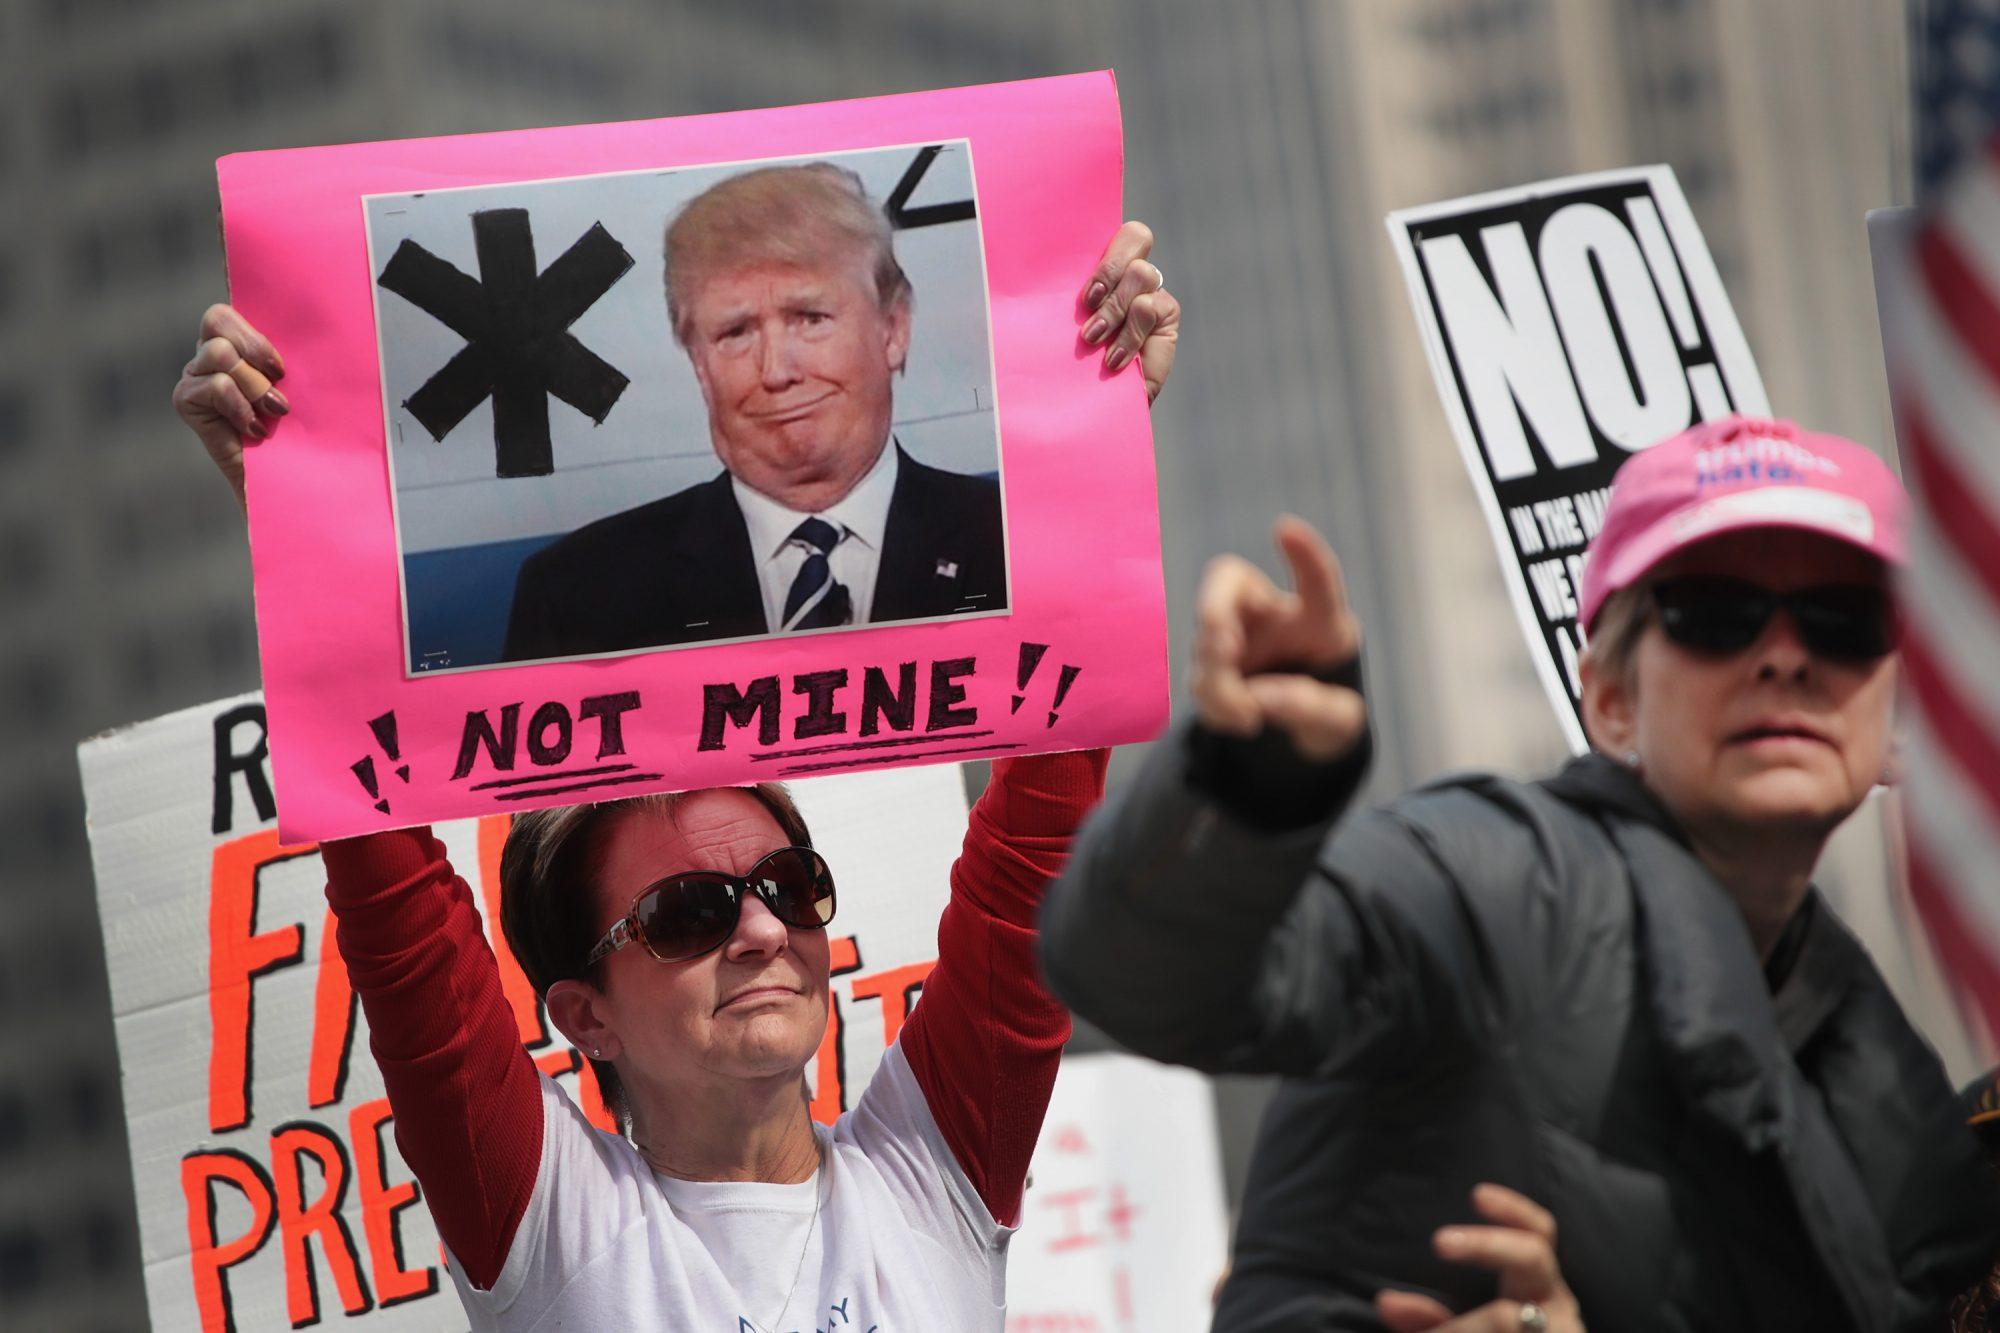 Protesta en 2017 en Presidents Day (Día de los Presidentes) en Estados Unidos.